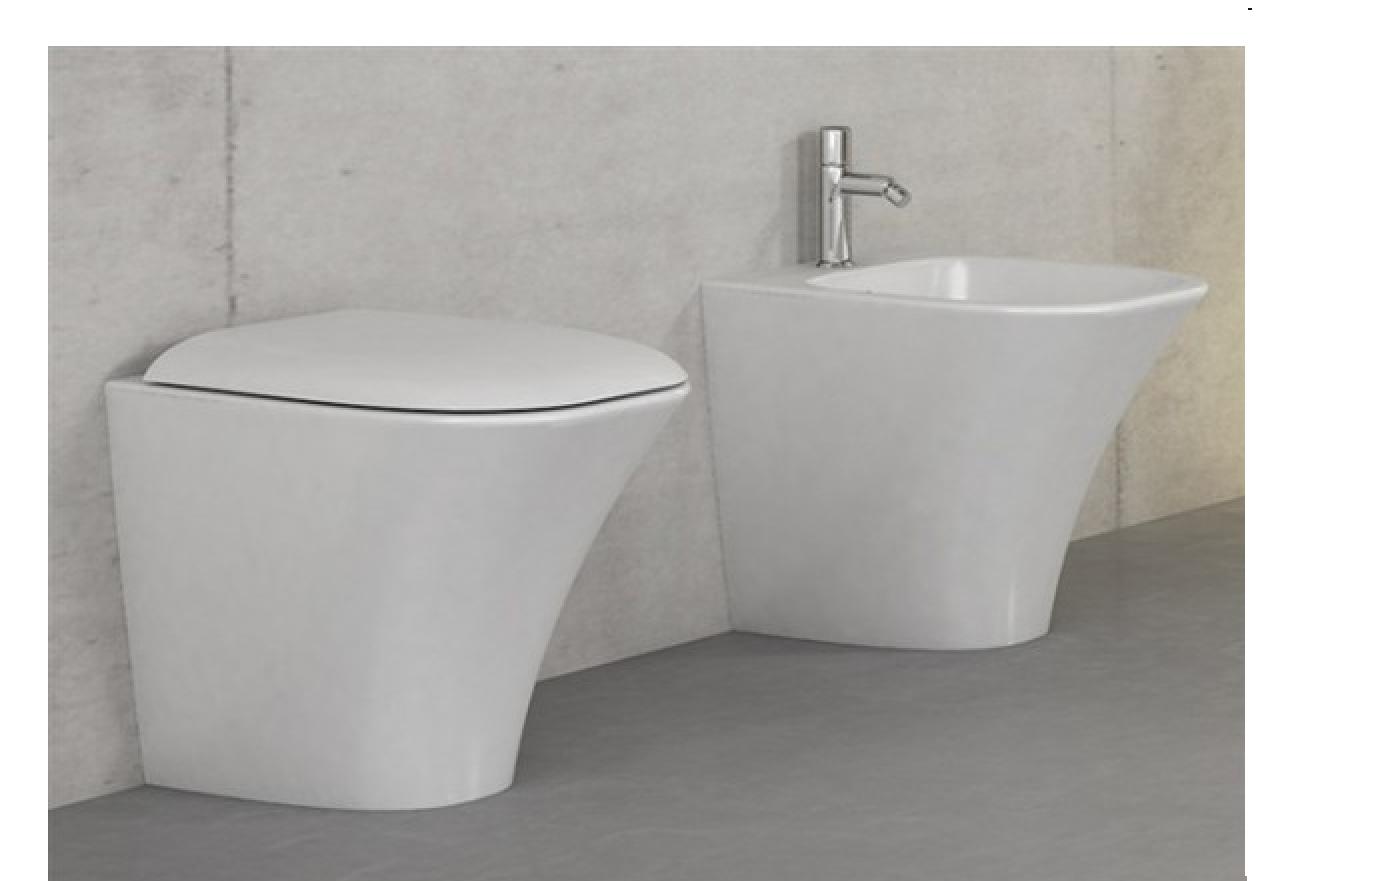 Vasche Da Bagno Altezza 50 Cm : Sanitari da bagno sanitari vaso filo muro amica h cm